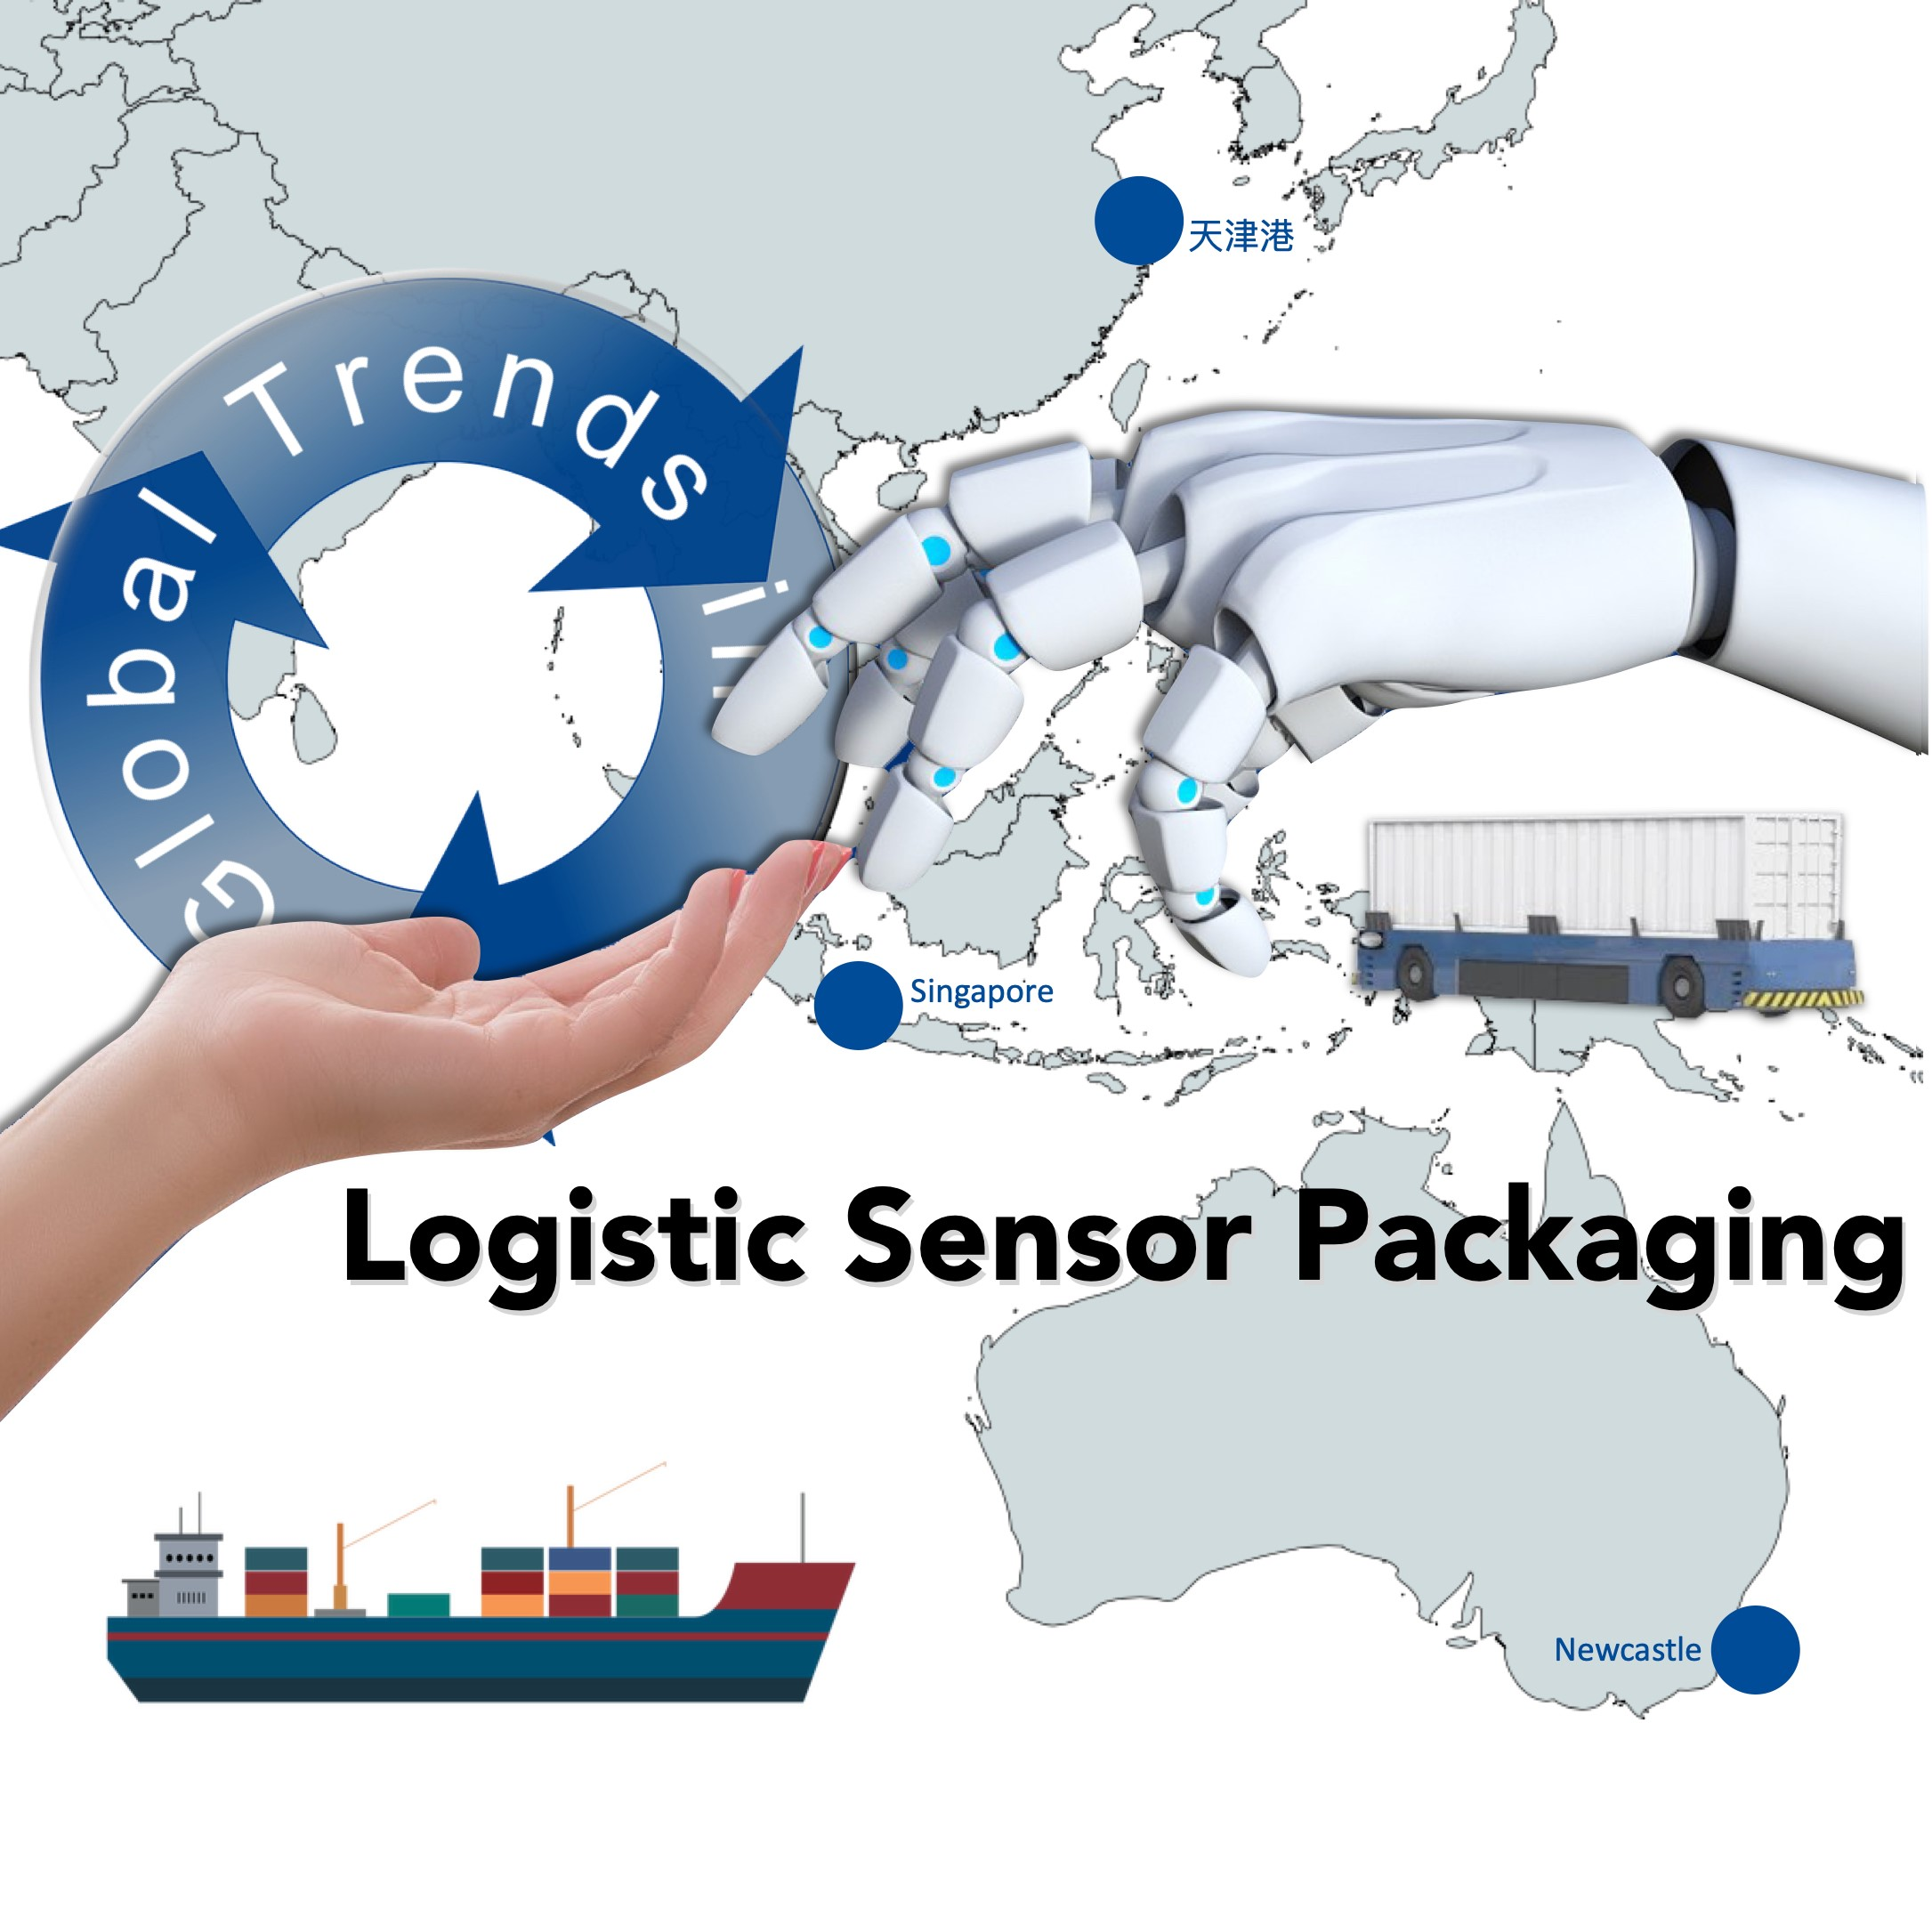 Logistic Sensor Packaging